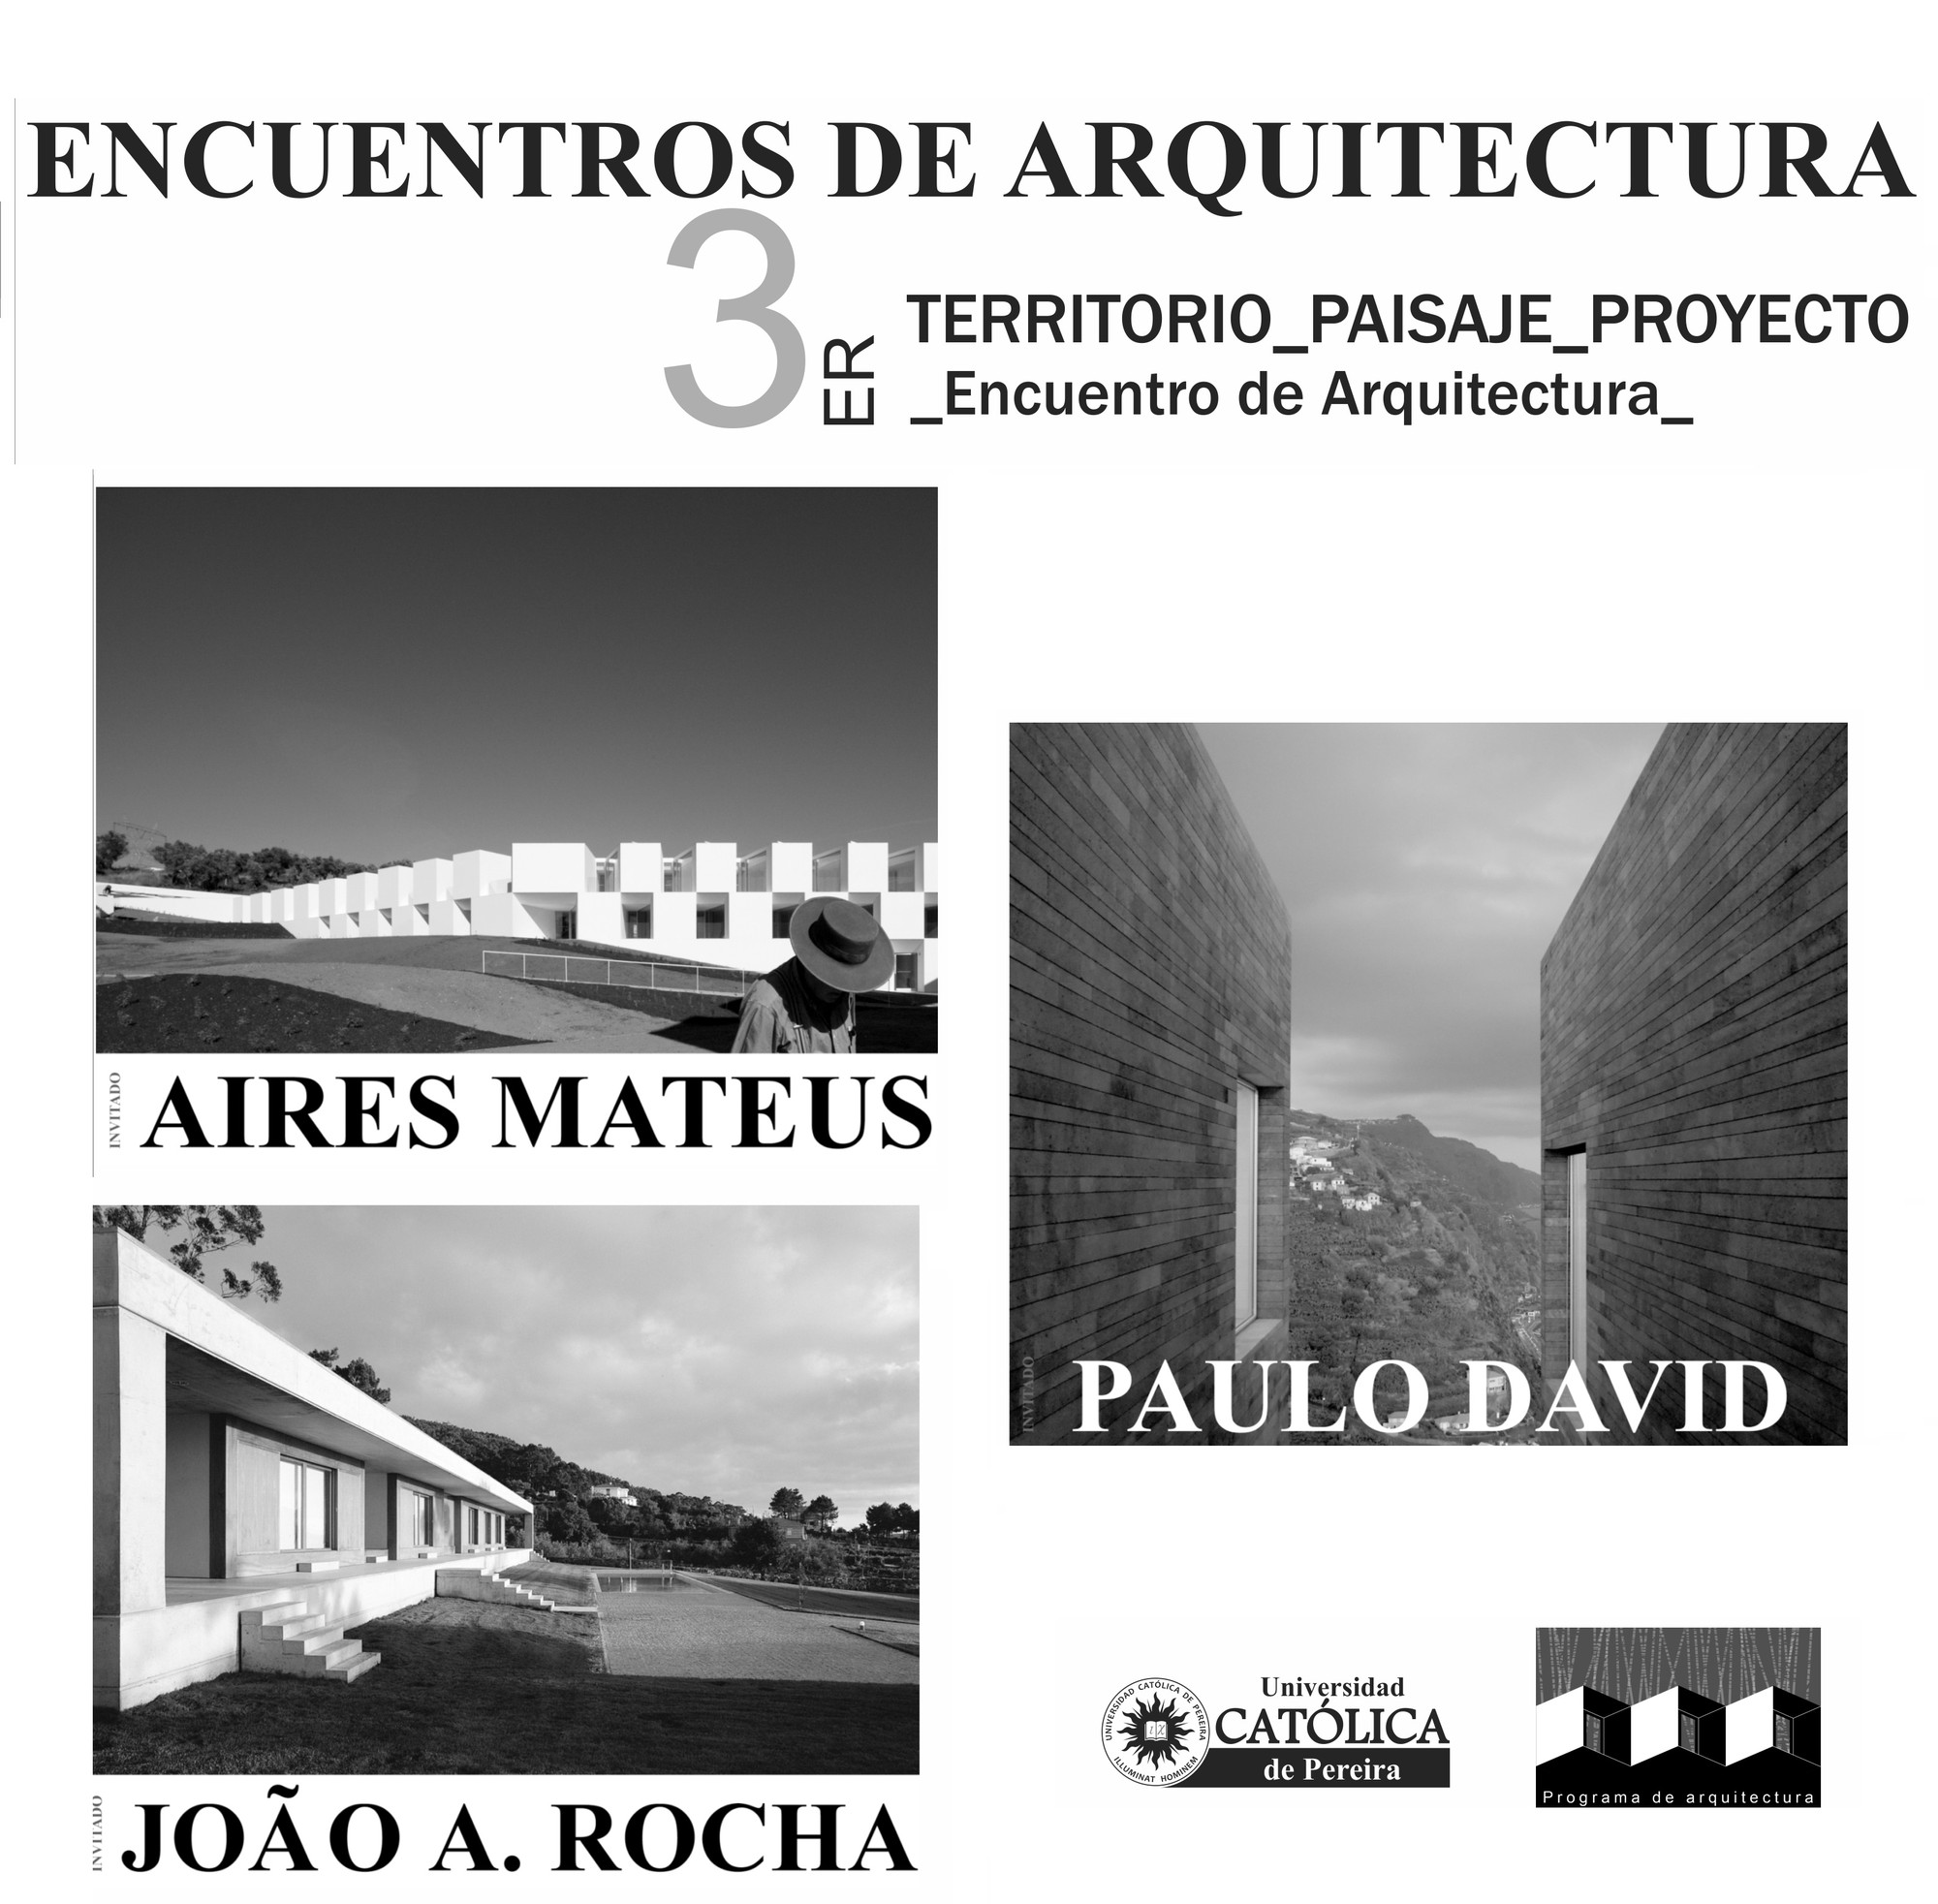 """Encuentros de Arquitectura con Aires Mateus + Paulo David + Joao A. Rocha """"TERRITORIO –PAISAJE - PROYECTO"""" / ¡Sorteamos 3 cupos!"""